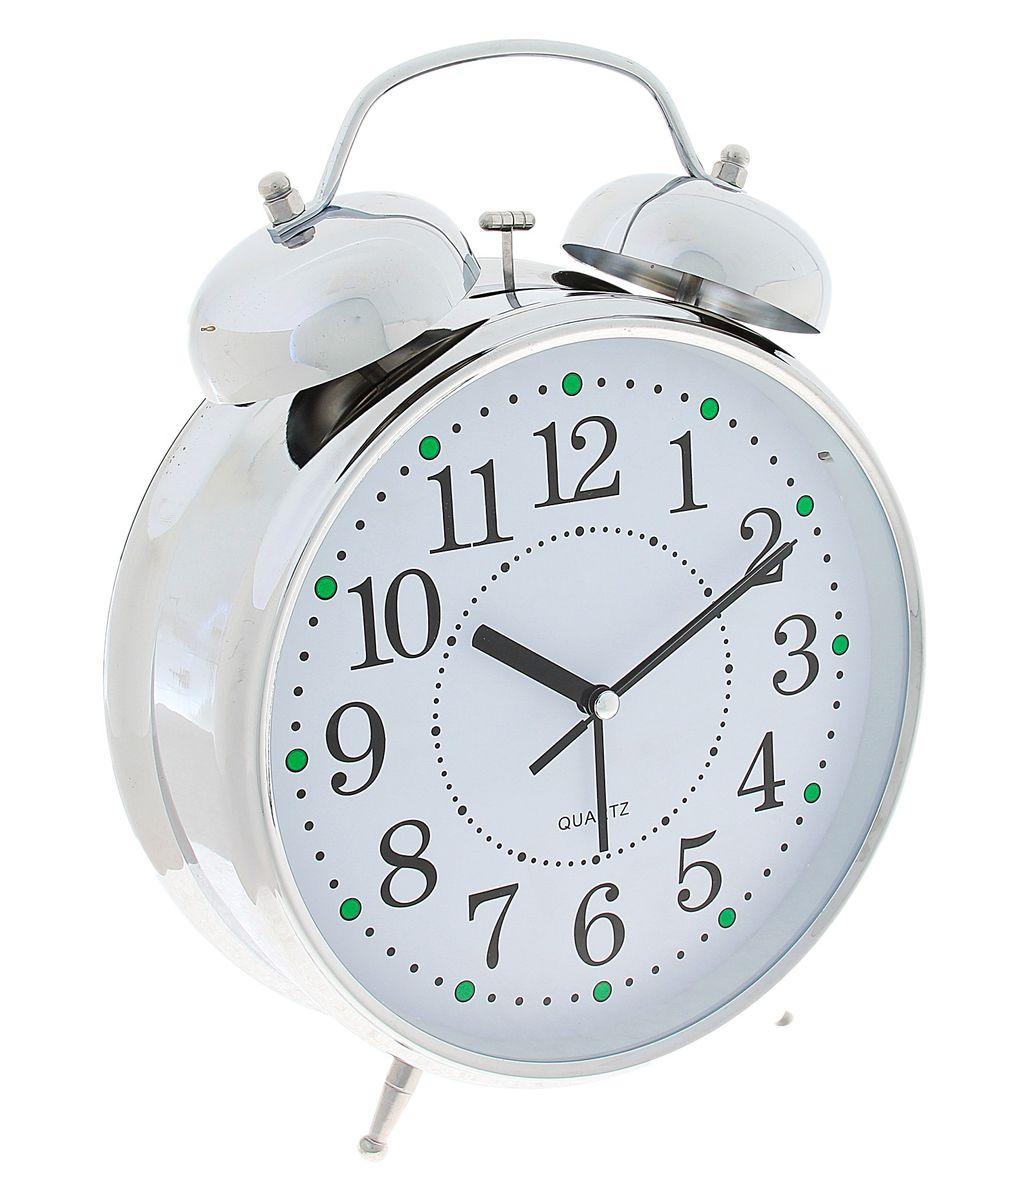 Часы-будильник Sima-land Классика, цвет: белый, серебристый, диаметр 20 смVT-3521(ВК)Часы-будильник Sima-land Классика - это невероятных размеров устройство, созданное специально для тех, кто с трудом просыпается по утрам!Изделие обладает классическим дизайном. Такой будильник станет изюминкой вашего интерьера.Будильник работает от 3 батареек типа АА 1,5 В (в комплект не входят). На задней панели будильника расположены переключатель включения/выключения механизма, два поворотных рычага для настройки текущего времени и установки будильника, а также кнопка для включения подсветки циферблата.Диаметр циферблата: 20 см.